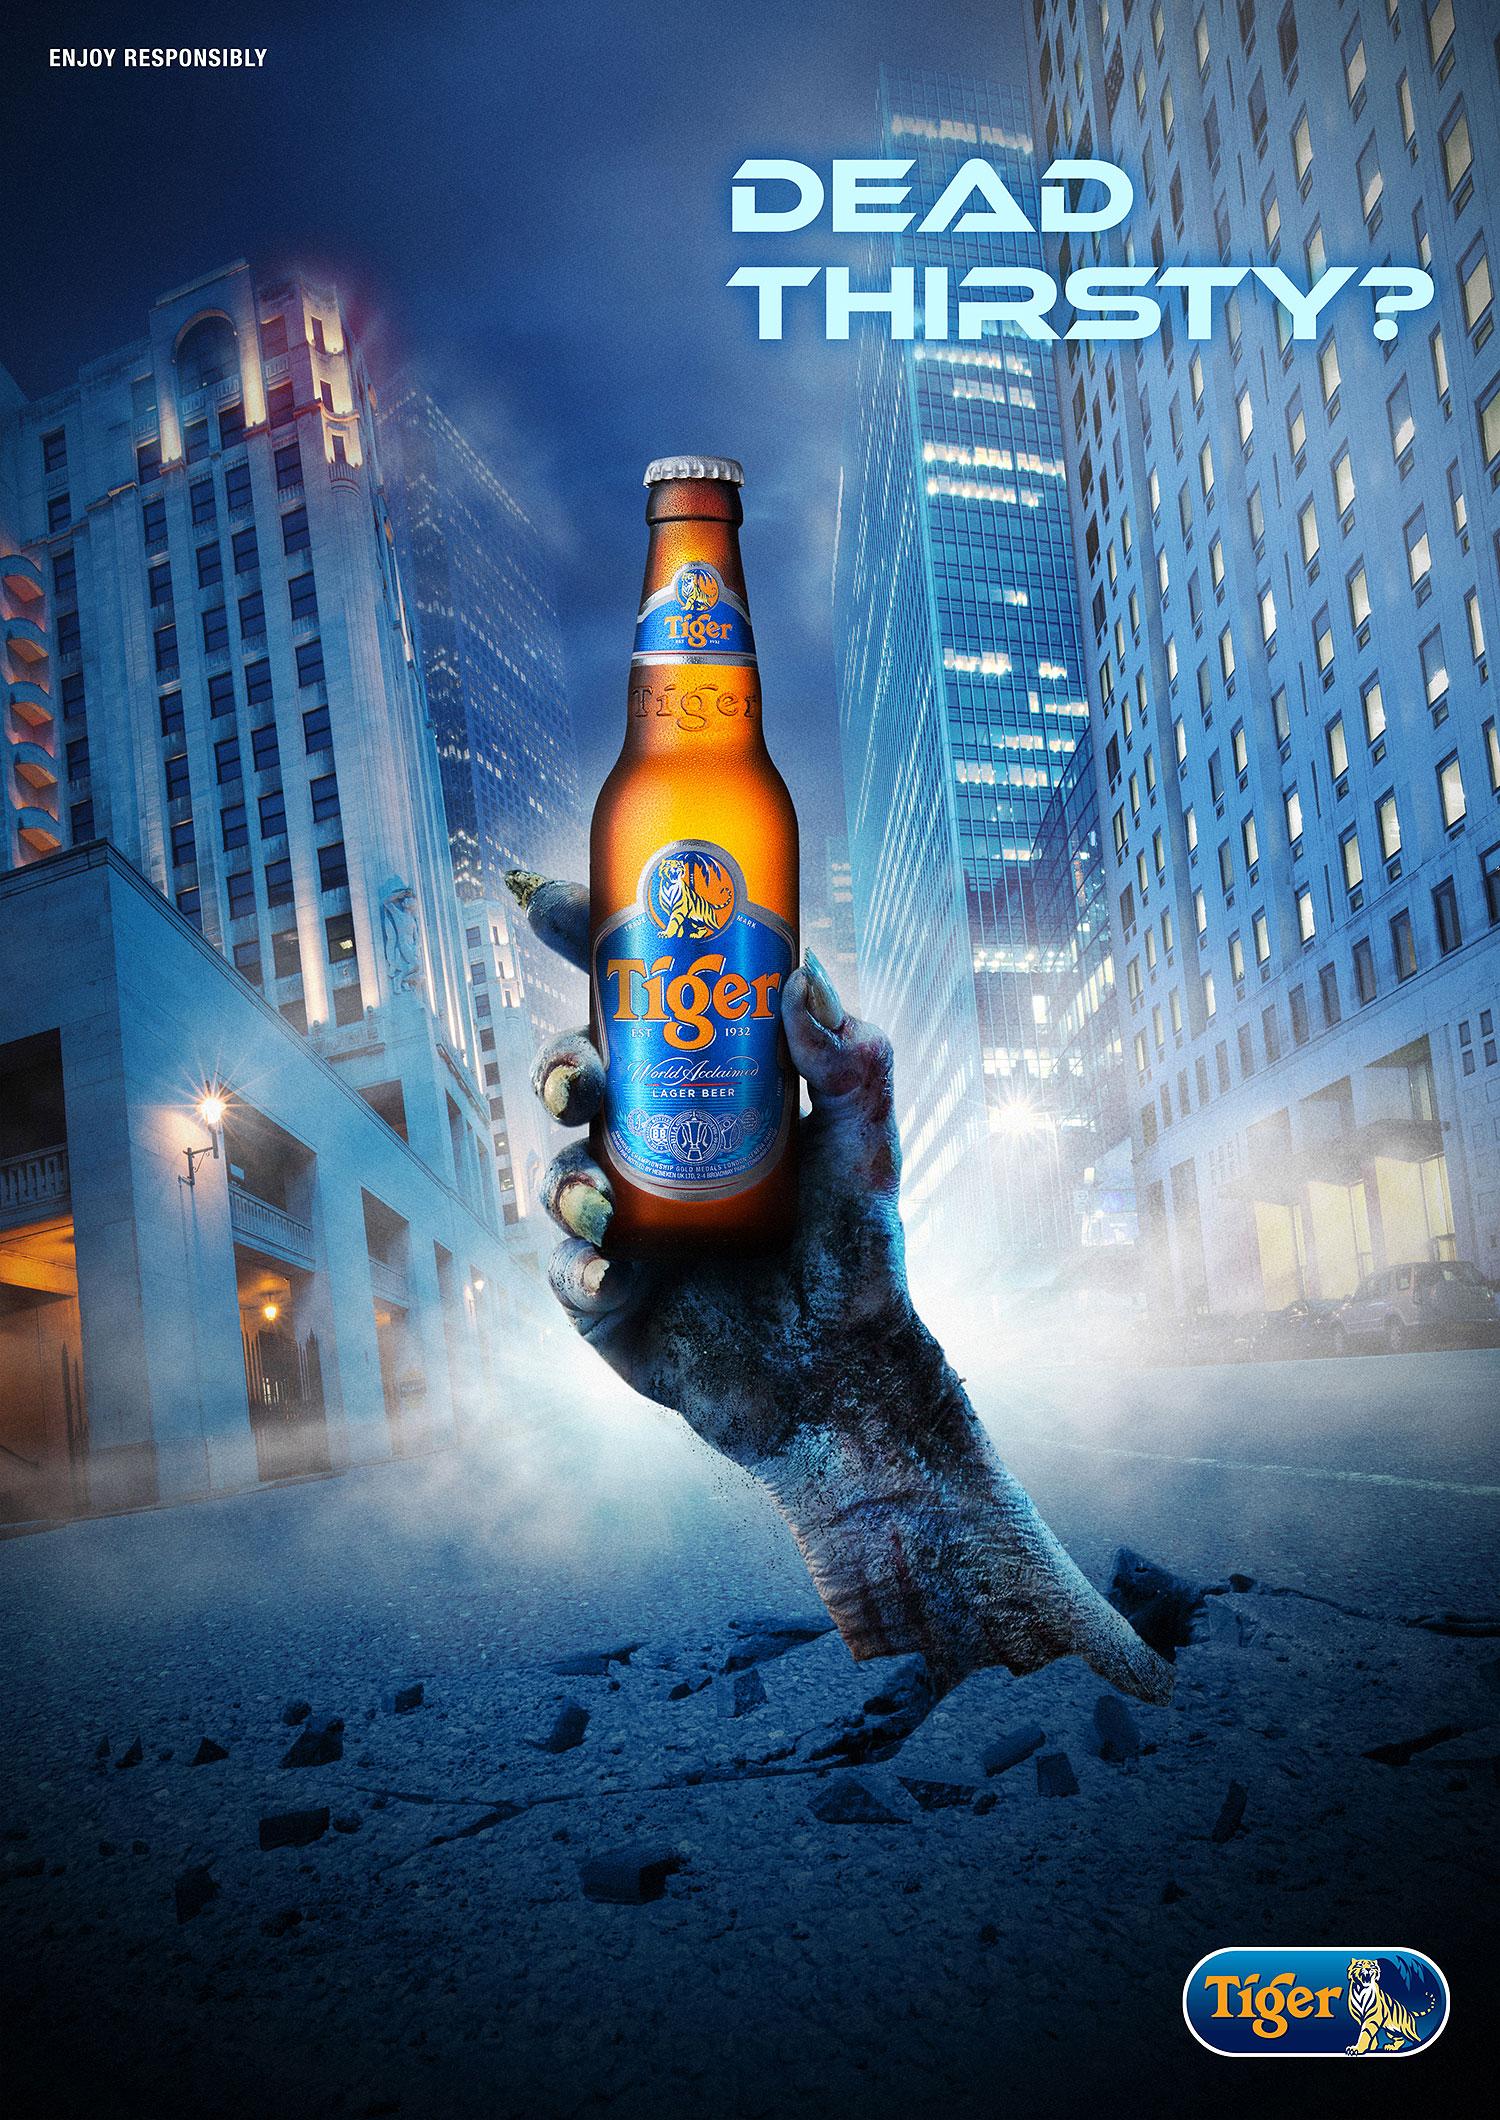 Tiger Beer Zombie City